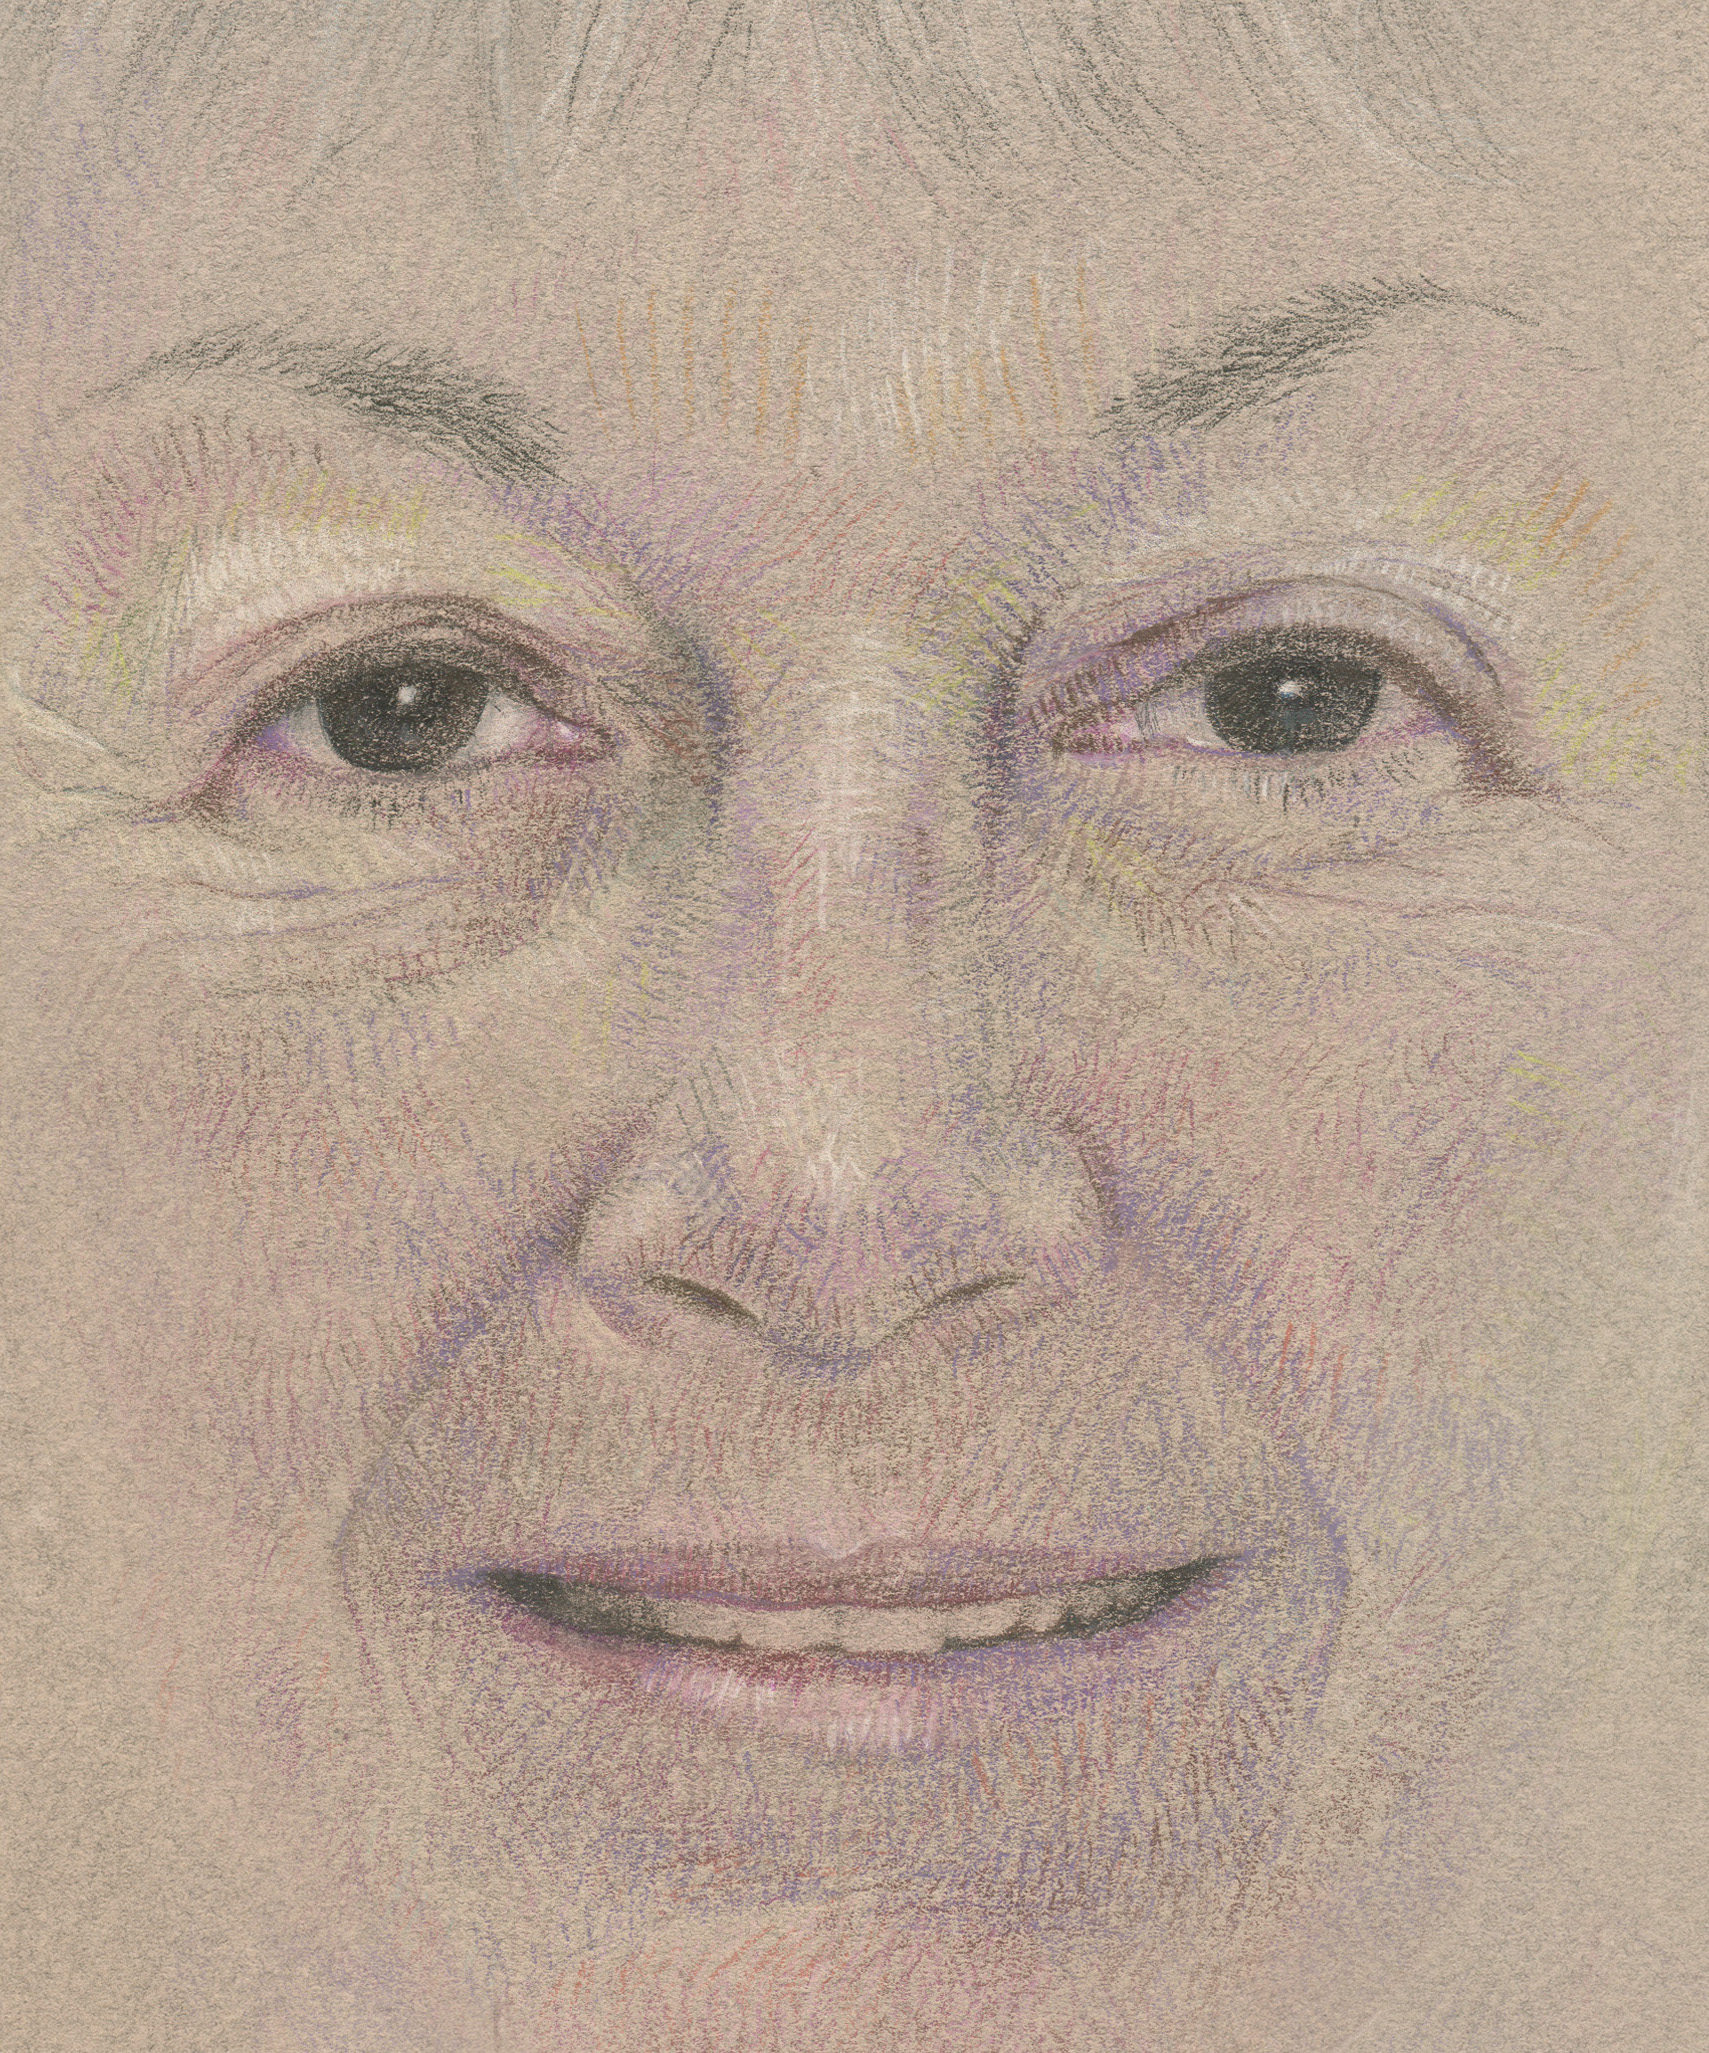 Deborah crop-.jpg